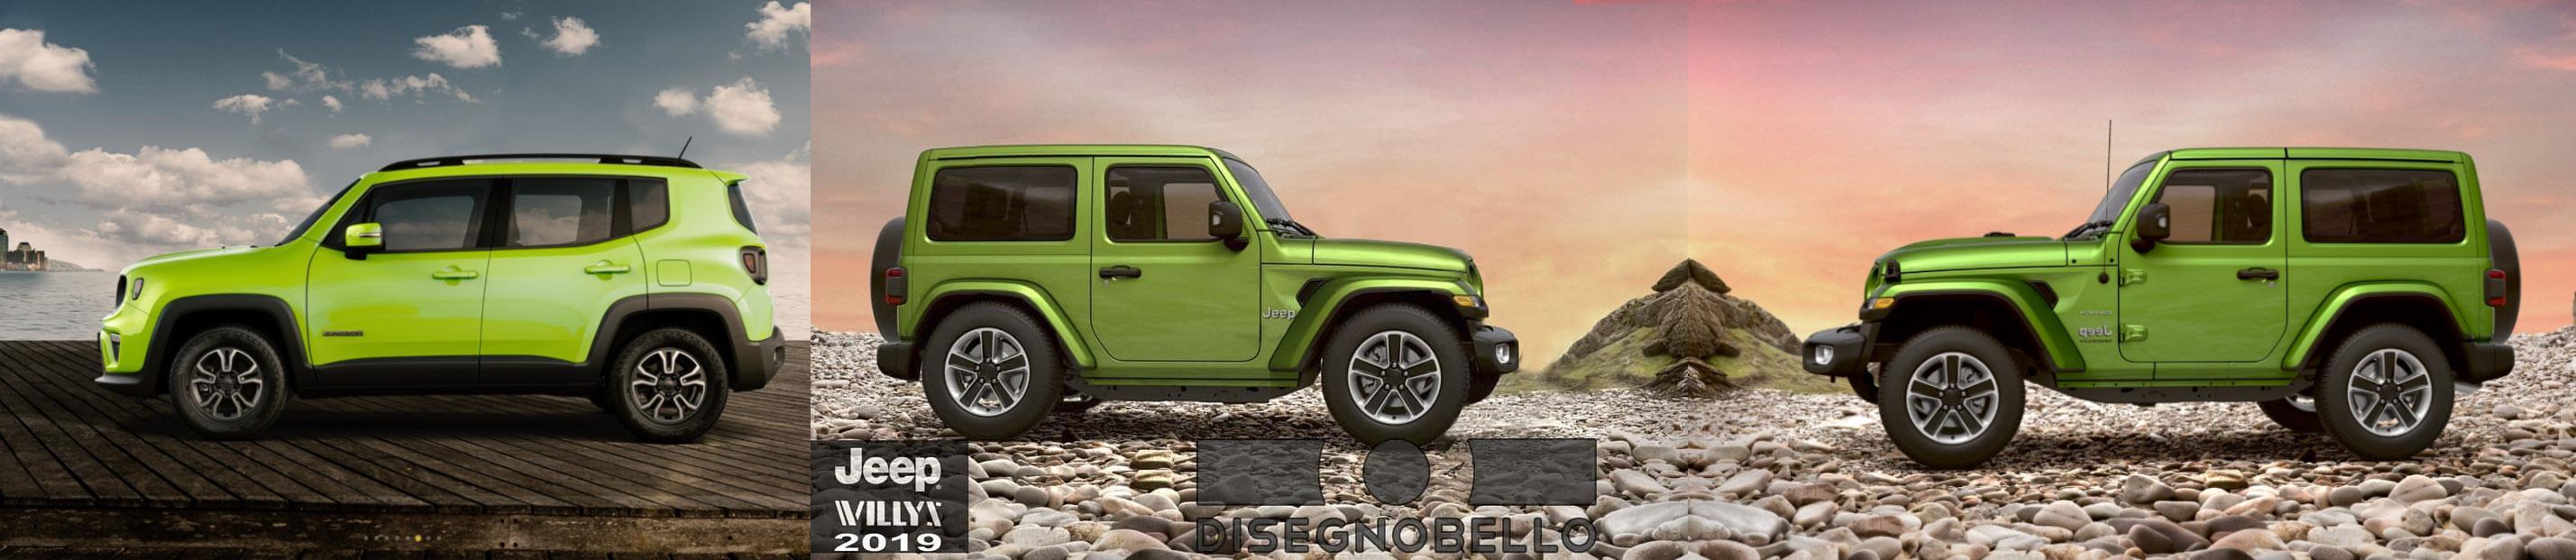 Jeep Willys 2019 Fotoritocchi Auto E Proposte Di Design Autopareri